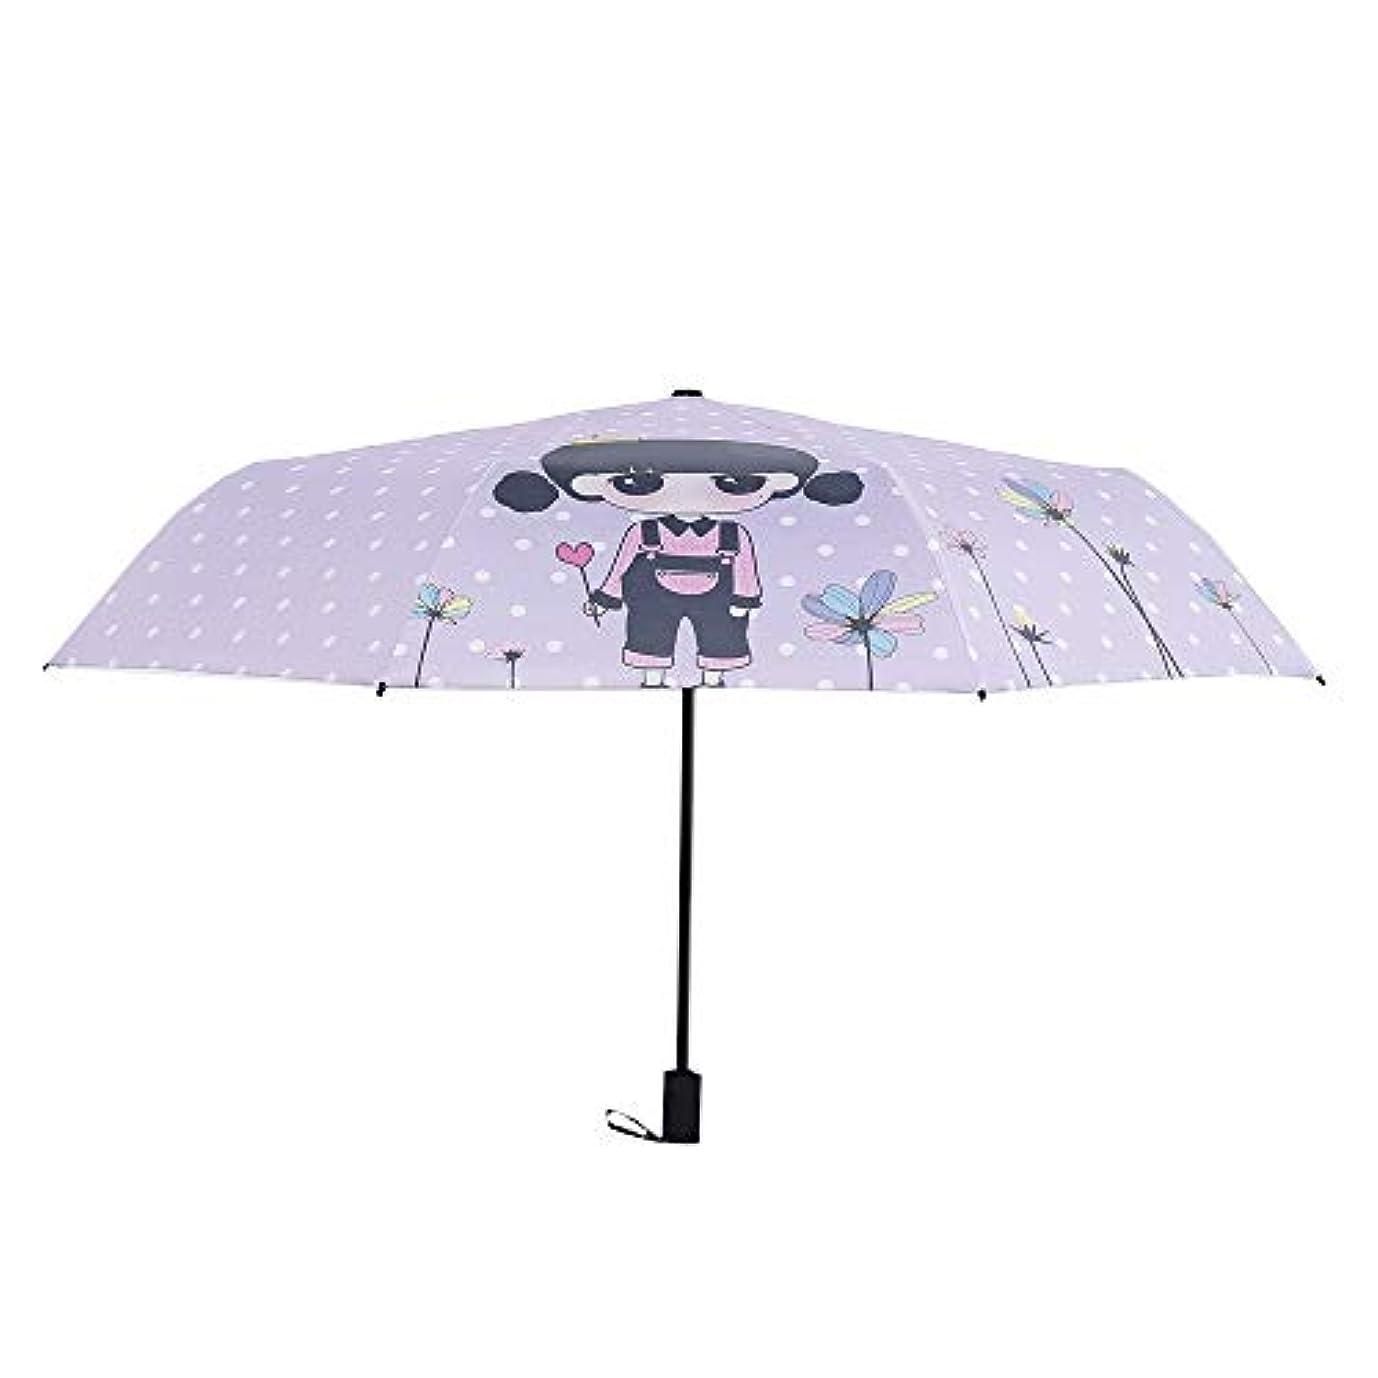 マラソン逃すリップ2018爆発モデル小さな新鮮なかわいいロリアニメ3つ折りの傘UV保護黒いプラスチックの傘